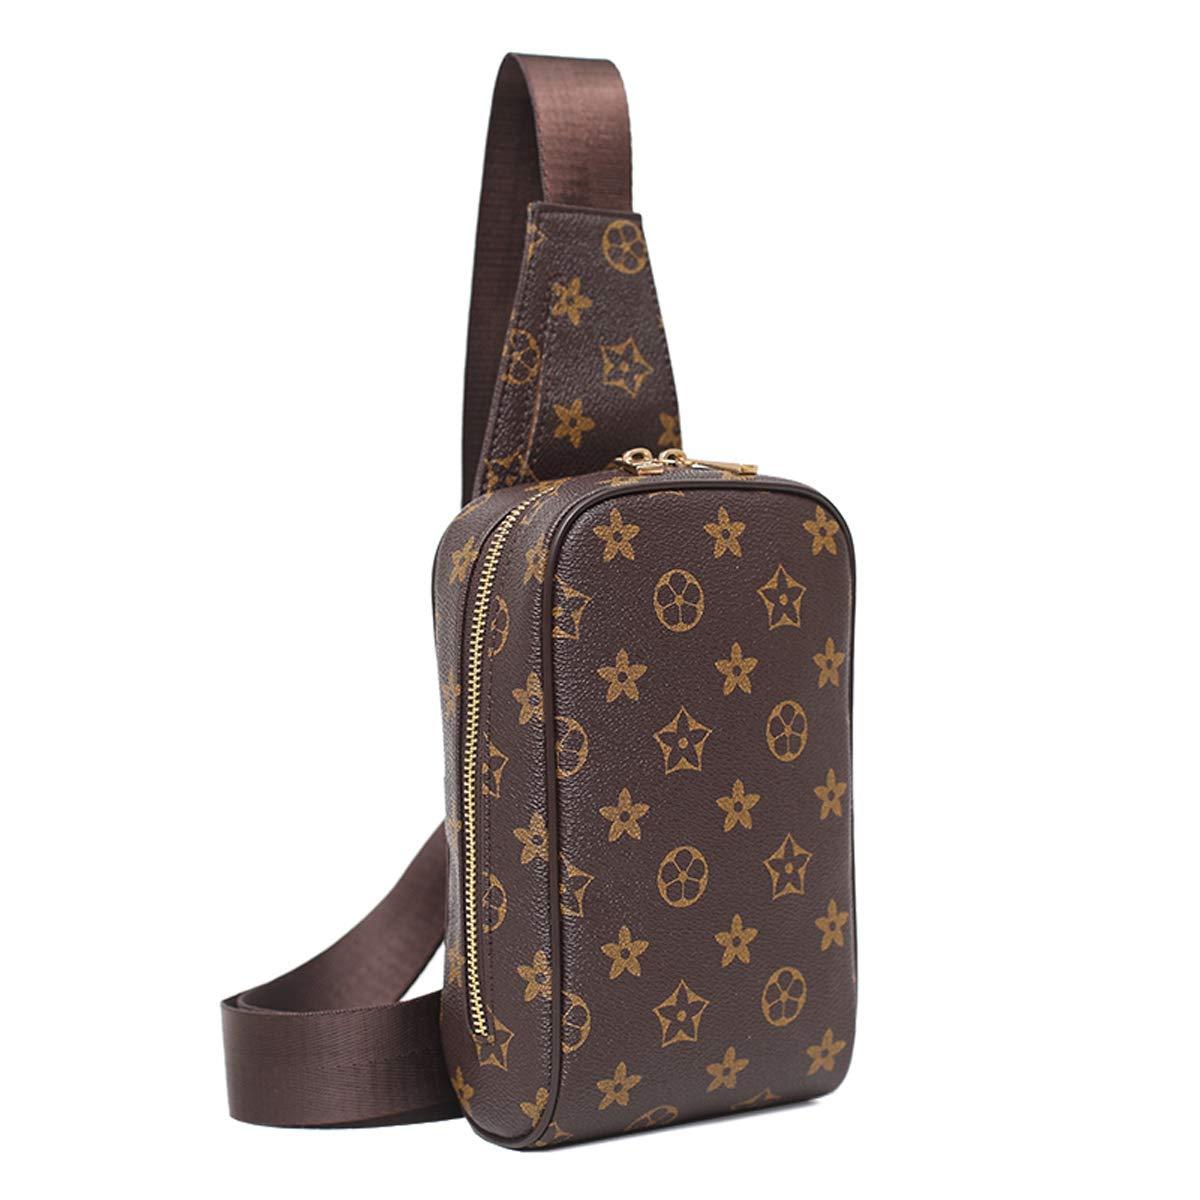 6f2ebe4dd643 Chest Bag for Men Leather Sling Backpack Fashion Casual Crossbody Shoulder  Bag Women Travel Sling Daypack Outdoor Messenger Bag(Men Chest Bag for ...